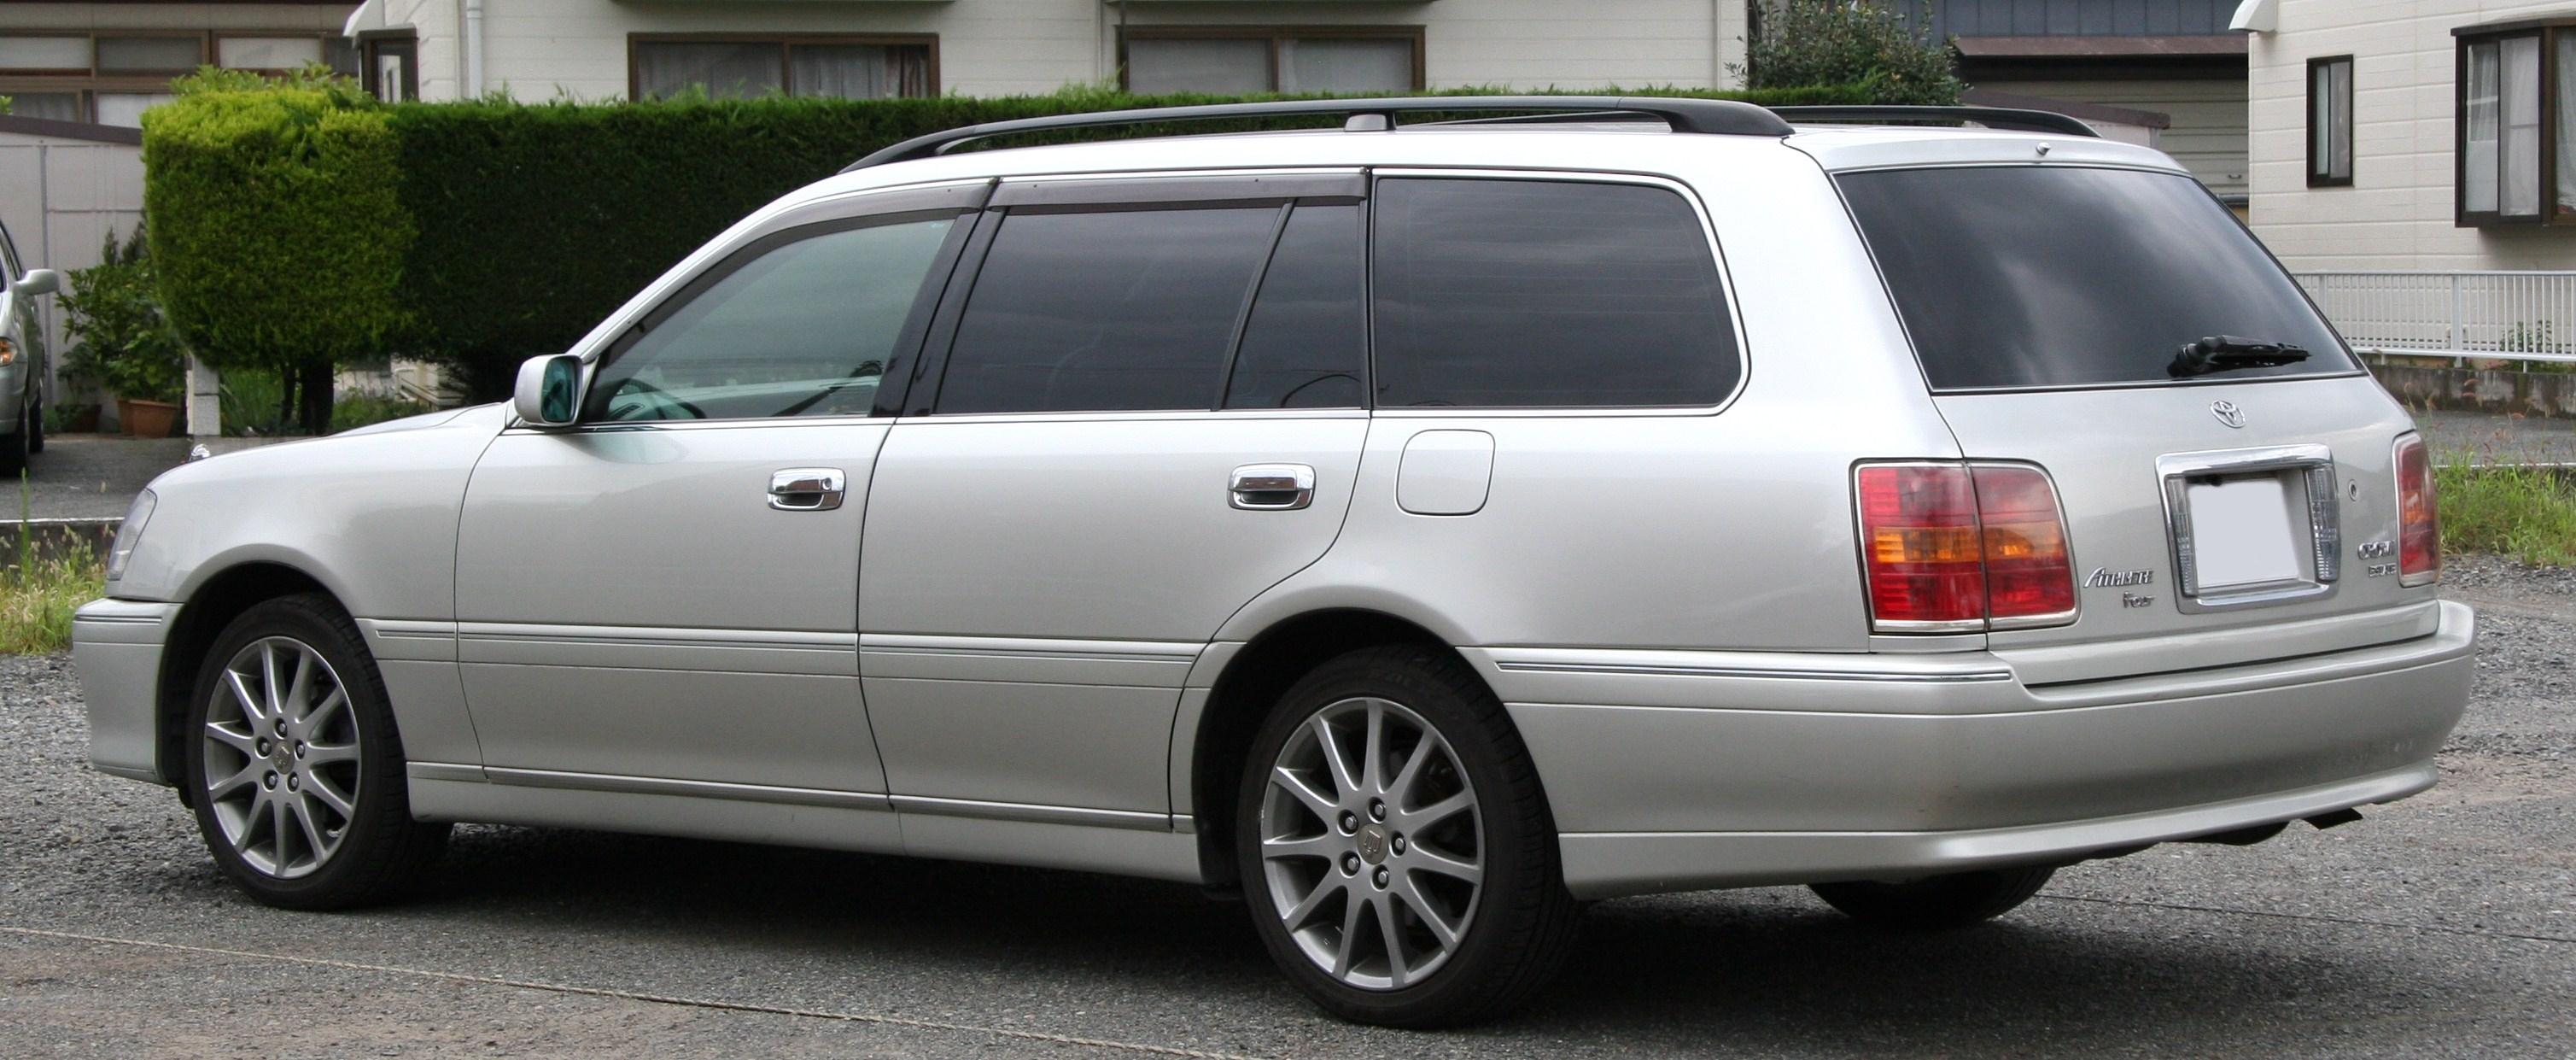 Размеры дворников Toyota. Рекомендованные размеры щеток ...